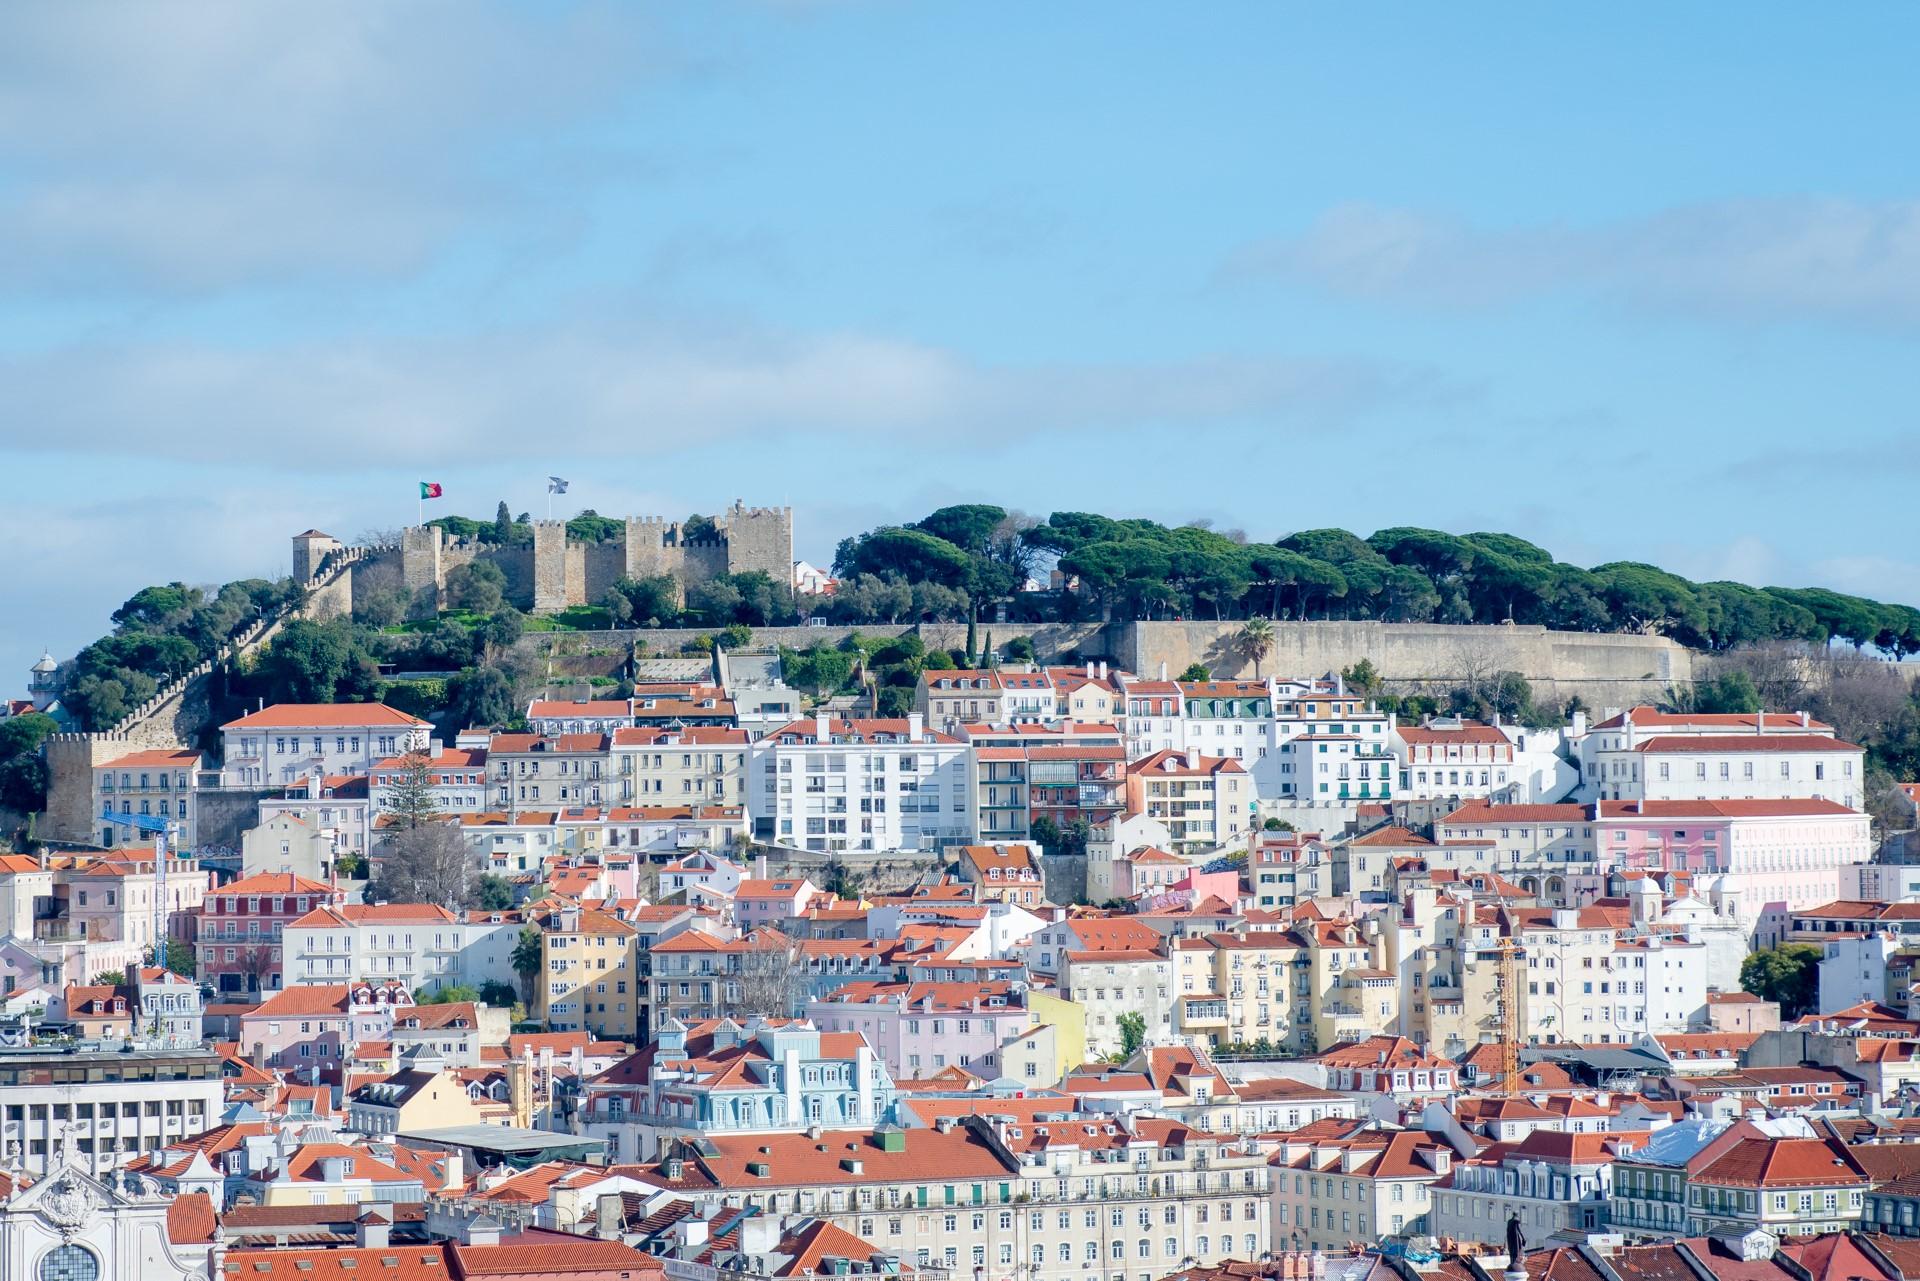 10 000 Passos – Do Campo de Santa Clara ao Museu Nacional do Azulejo | Caminhada cultural